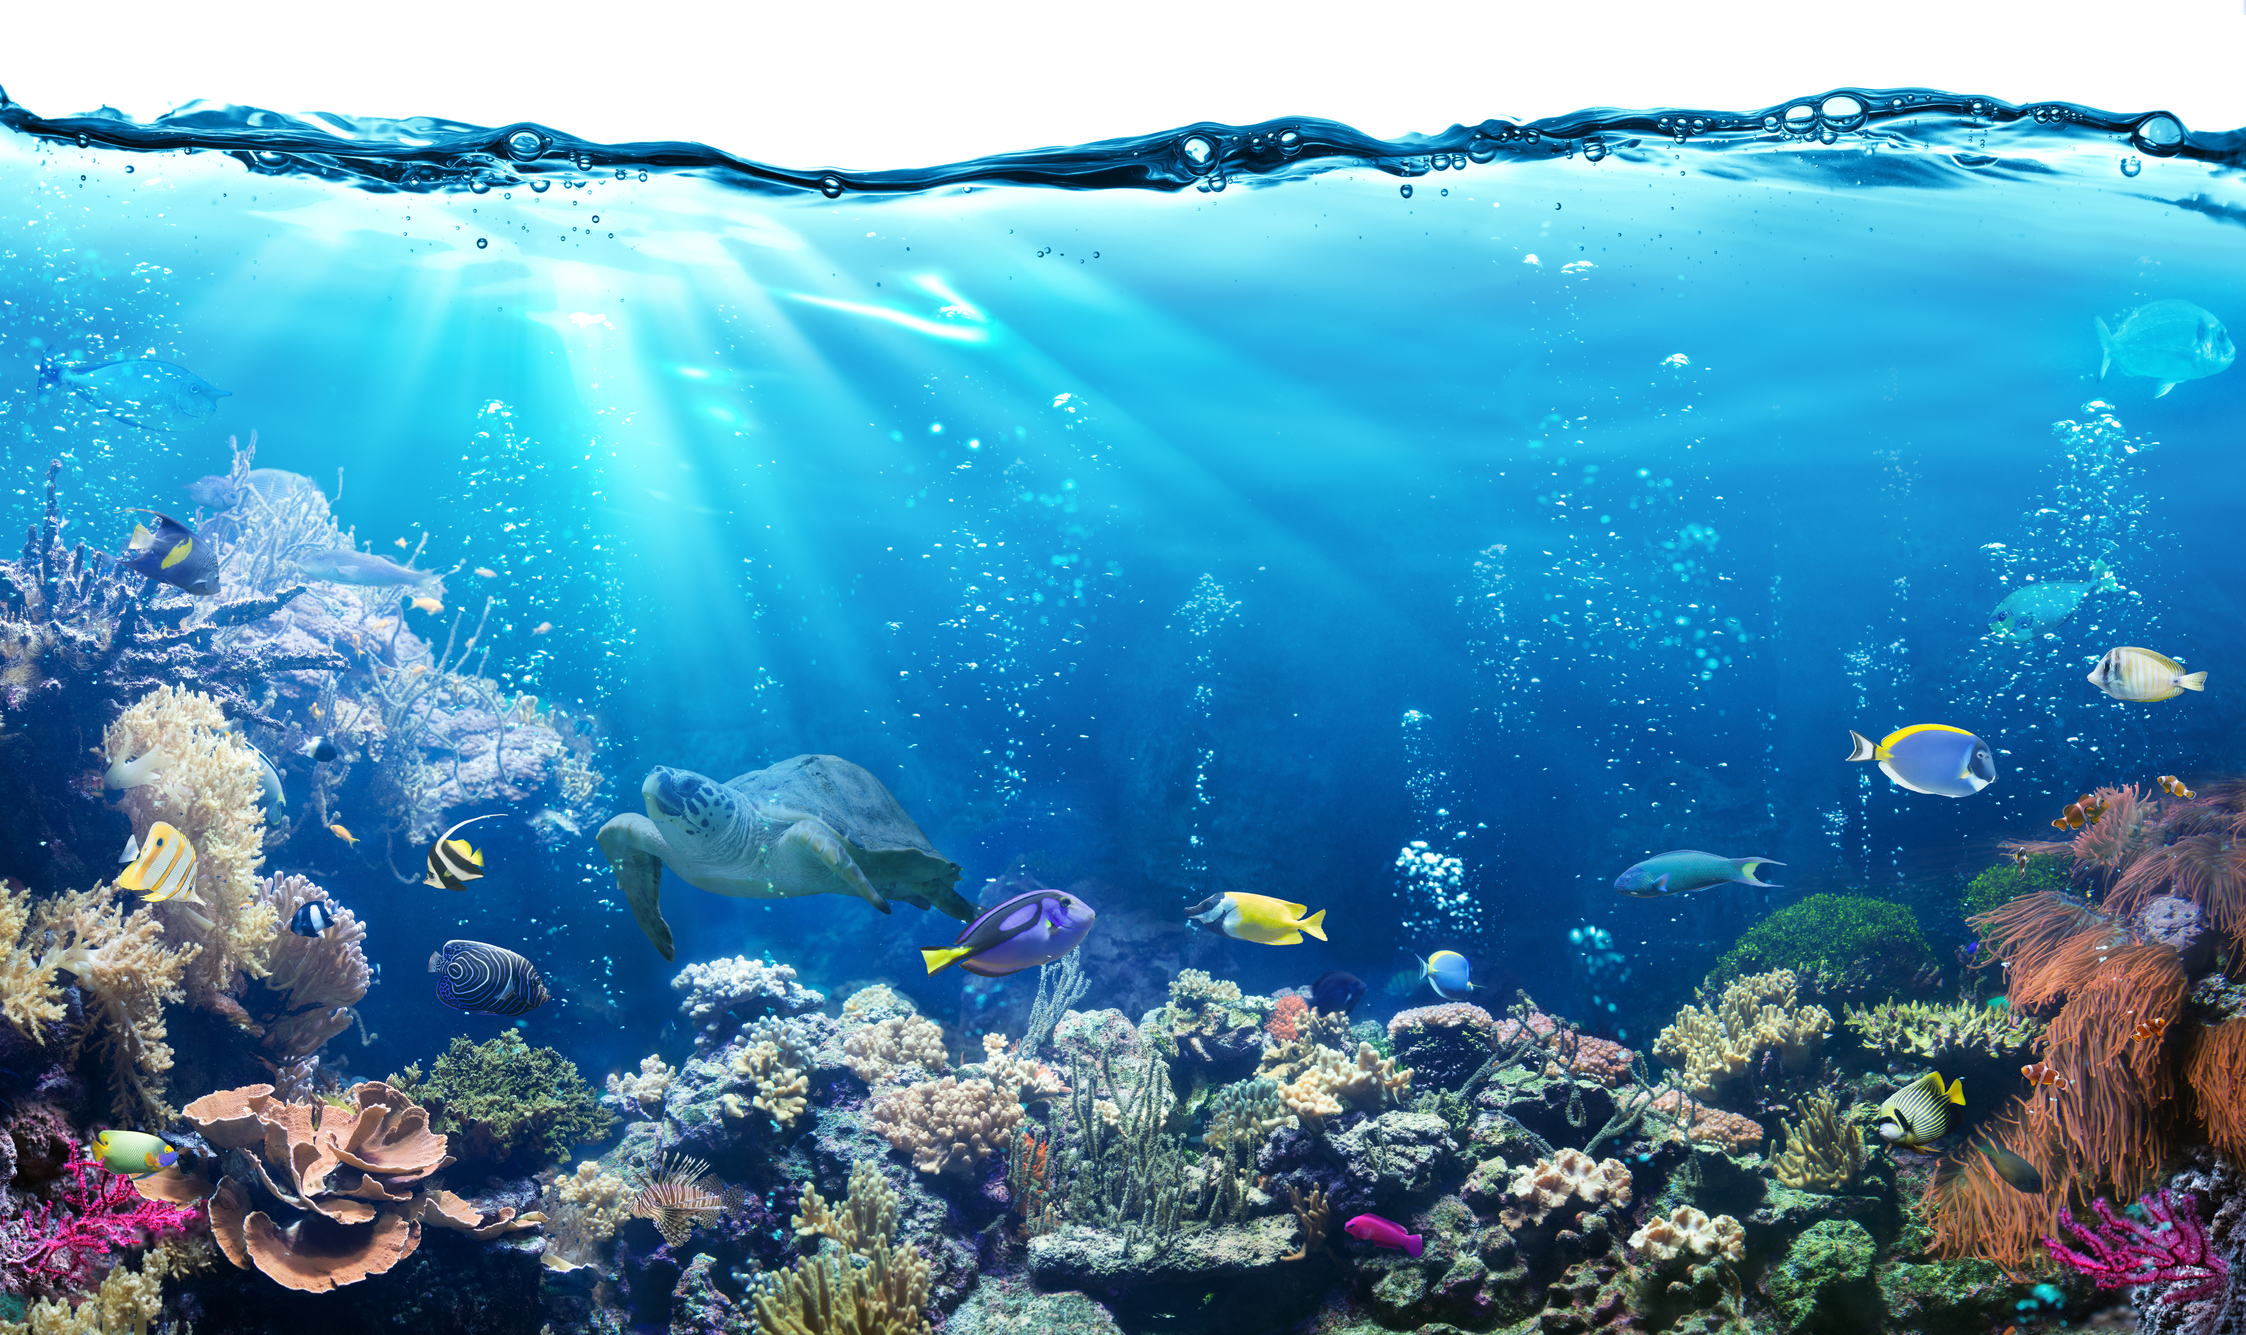 O que juntos podemos fazer para preservar os oceanos